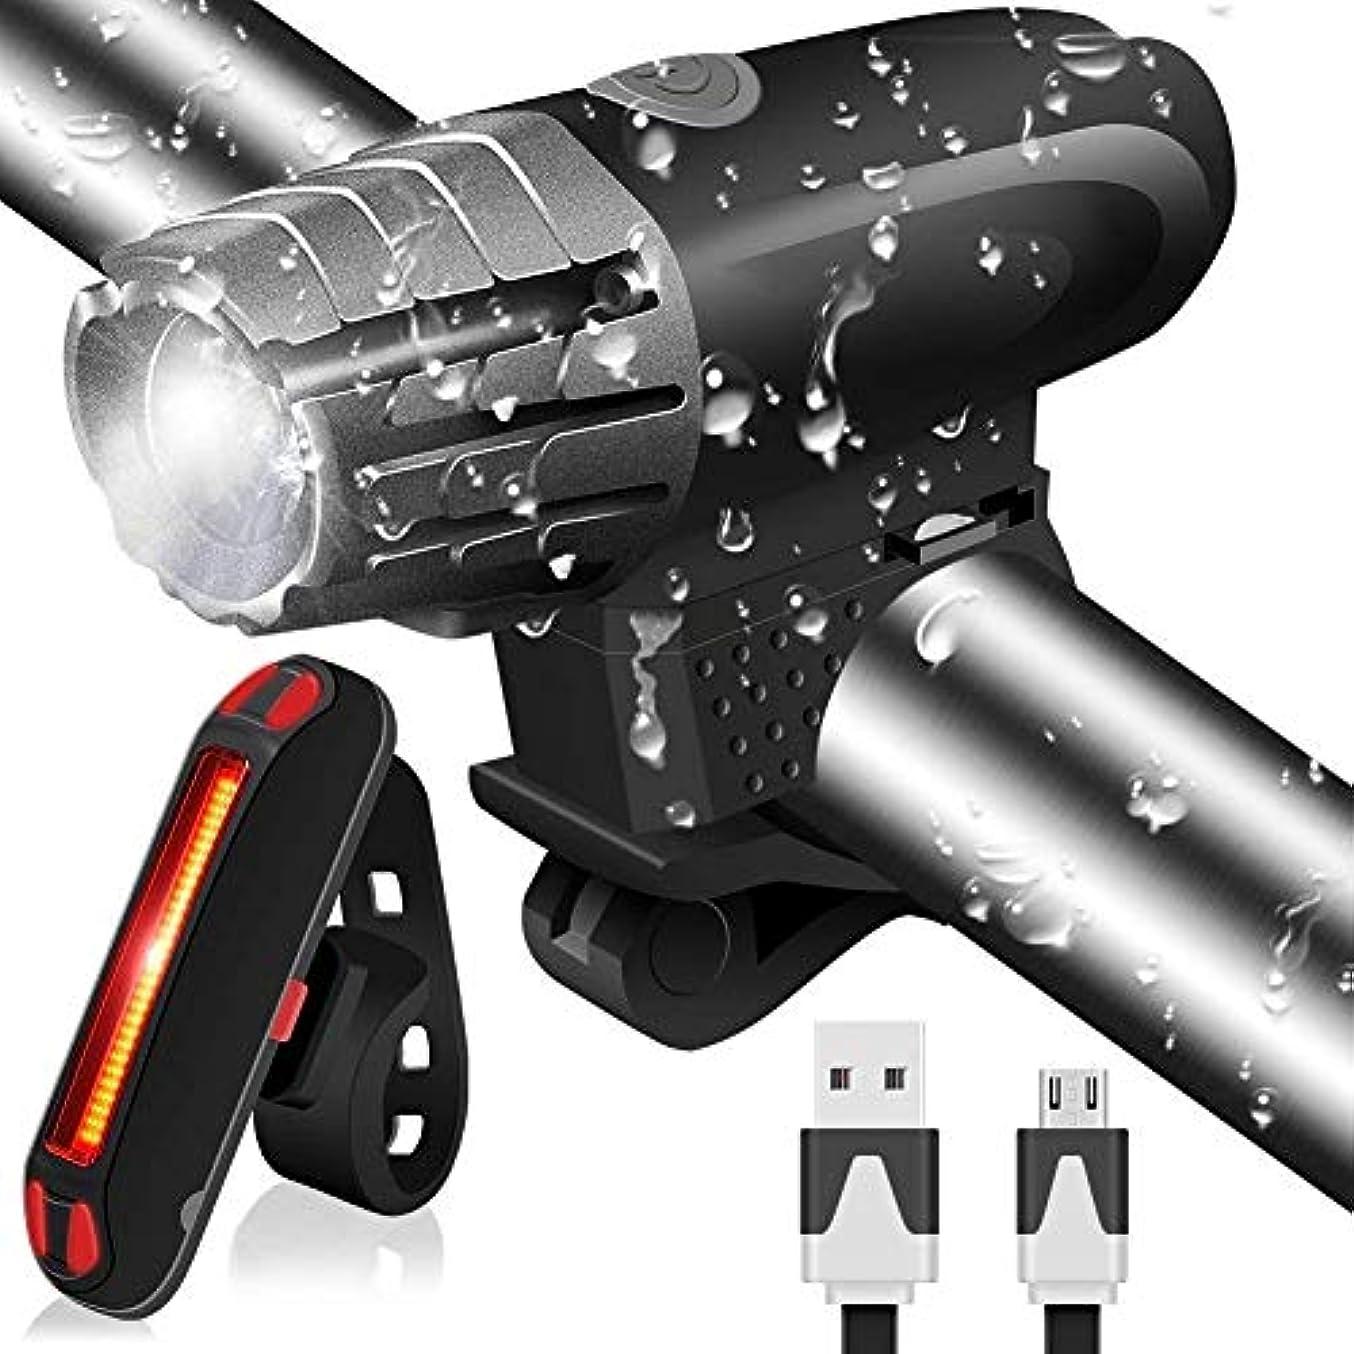 胴体ステップ精算MUTANG 自転車ライト、防水USB充電式サイクリングライトセット強力なLEDブライトルーメン自転車ライトセット、フロントヘッドライト&リアバックテールライト、夜間サイクリング安全